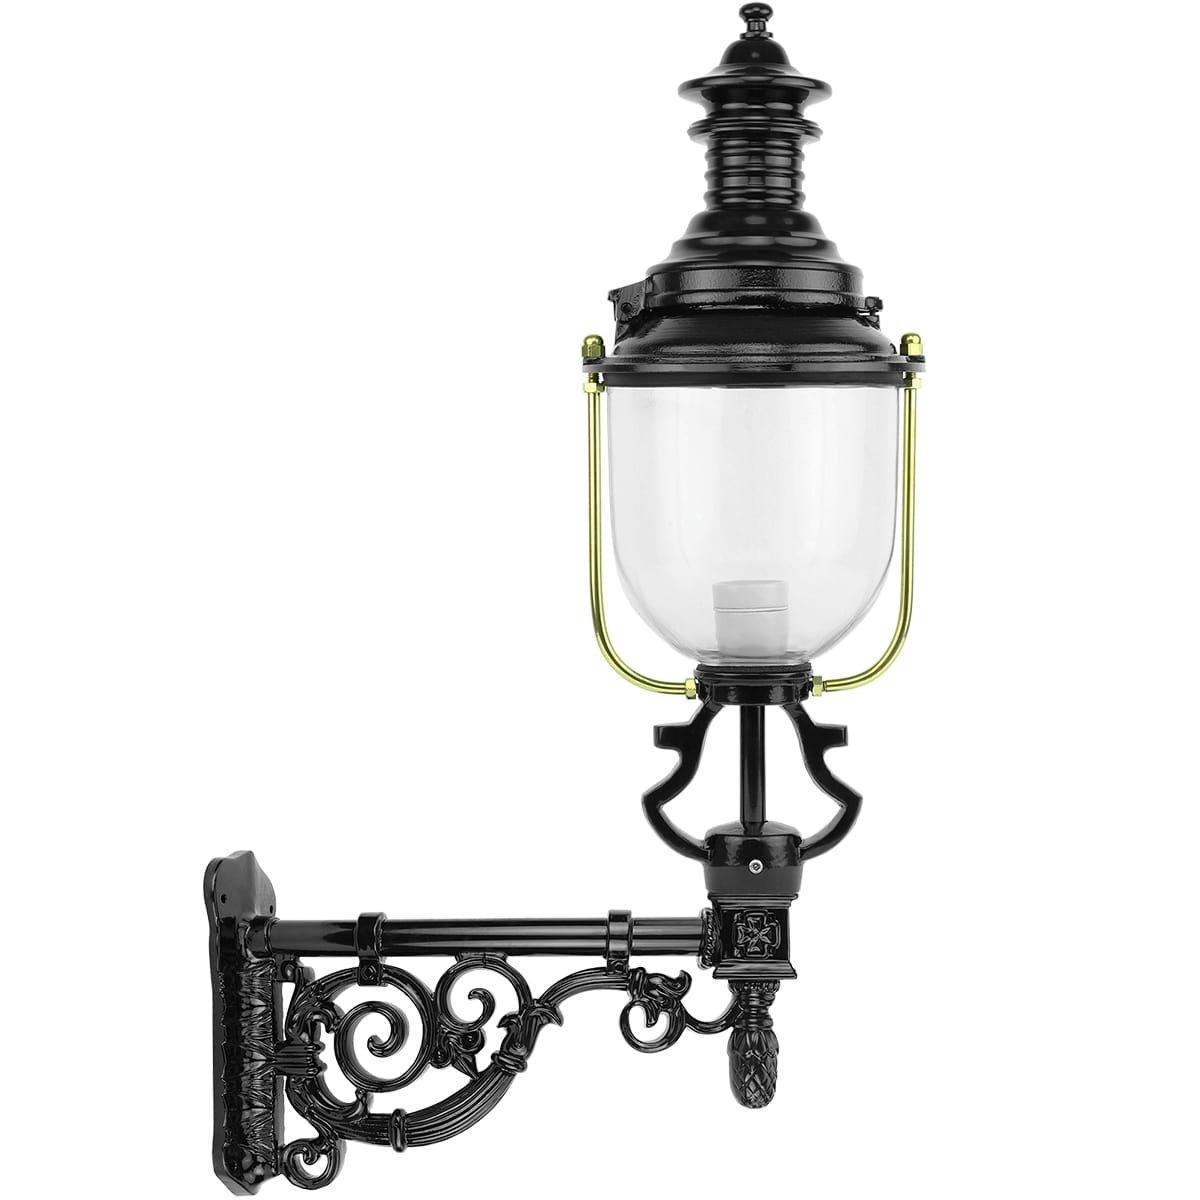 Außenbeleuchtung Klassisch Ländlich Außenlaterne fassade Wildenborch - 108 cm